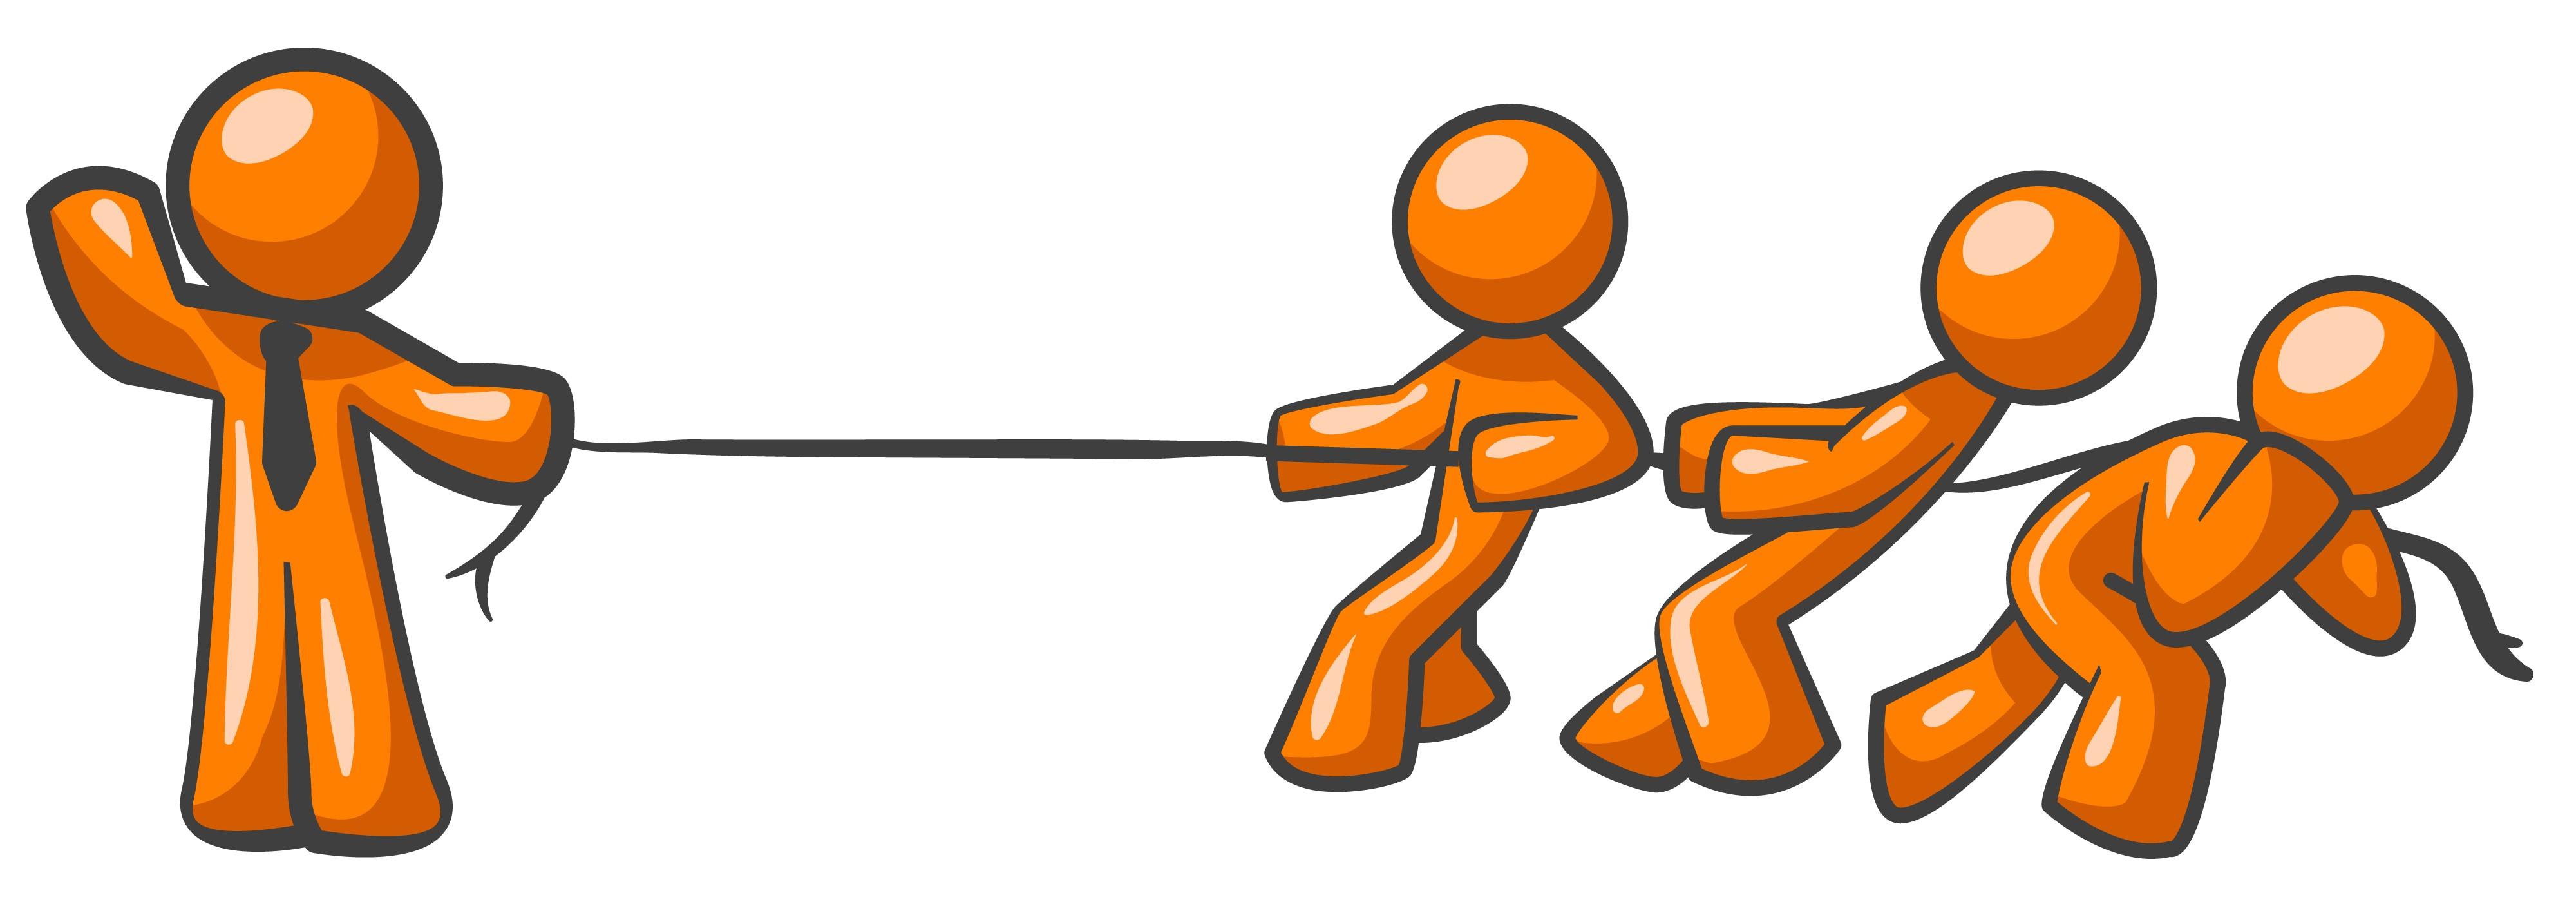 tug-a-rope